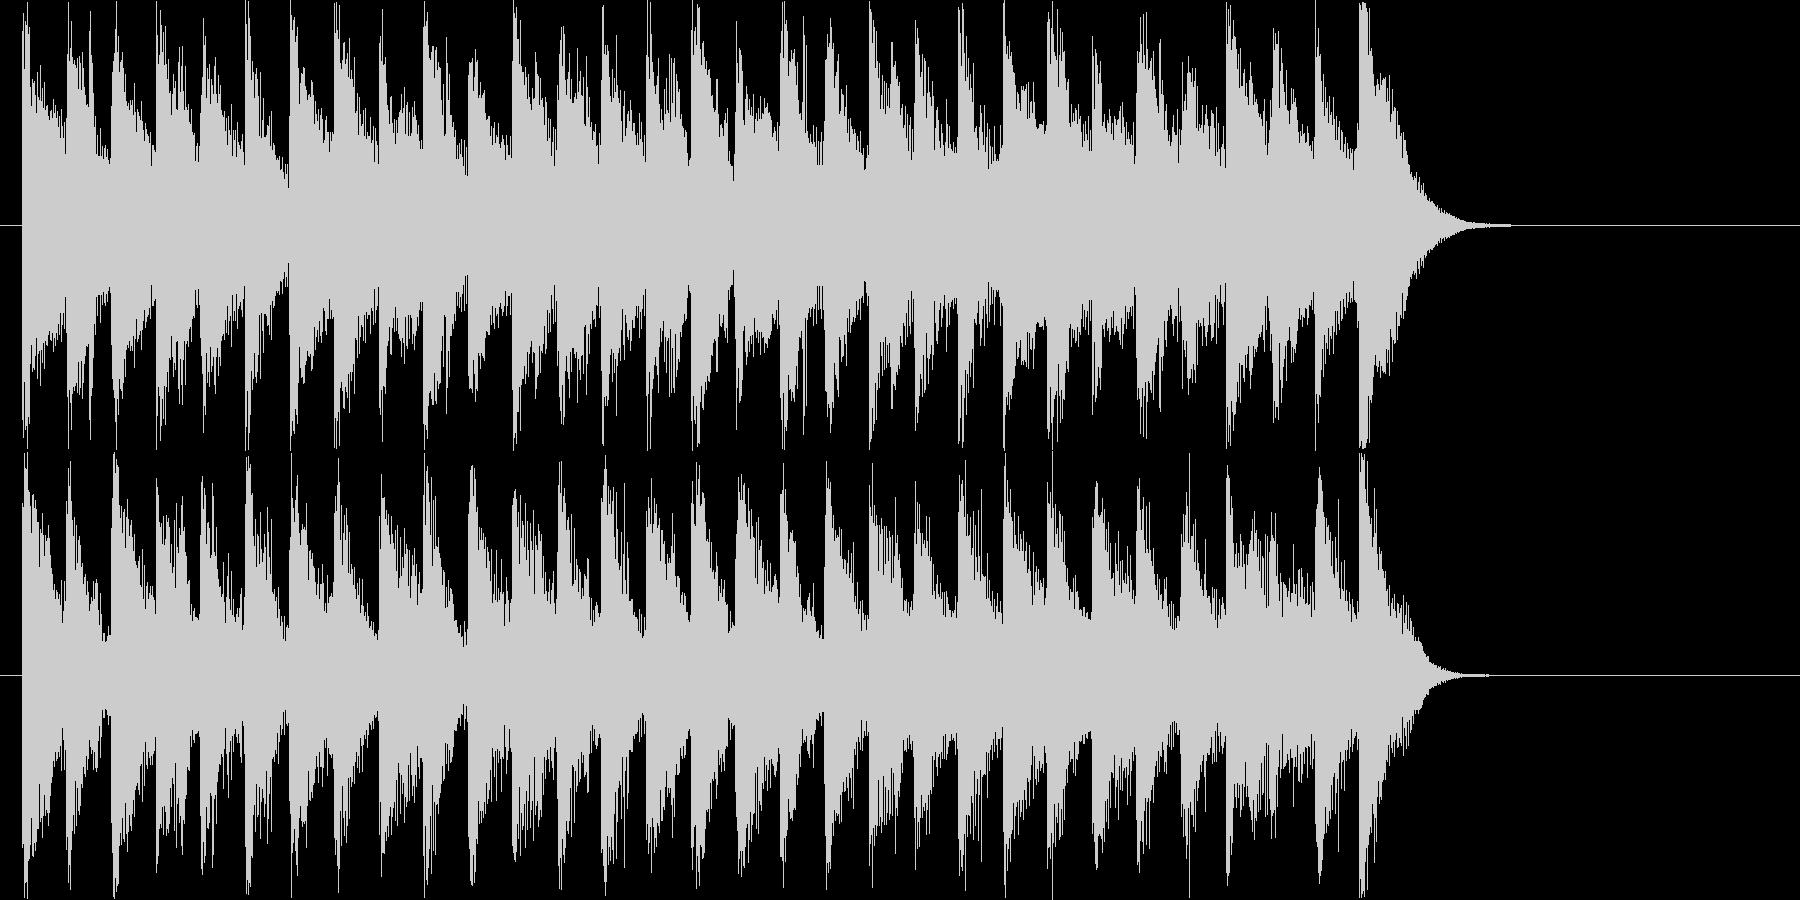 テンポの良い楽しく明るいロゴ・ジングルの未再生の波形